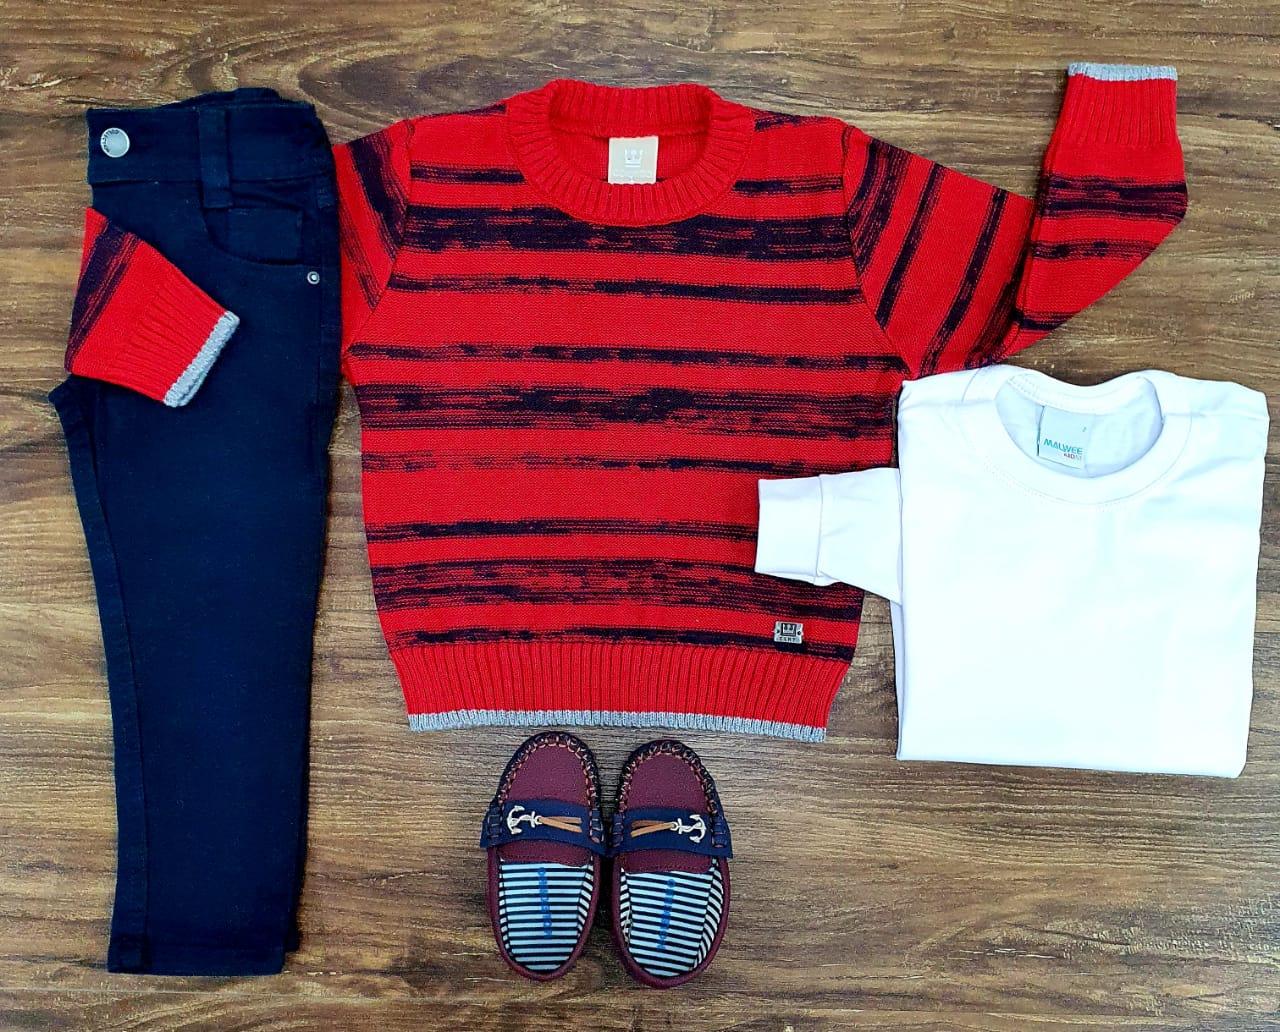 Calça Azul Marinho com Camiseta Branca e Suéter Vermelho com Preto